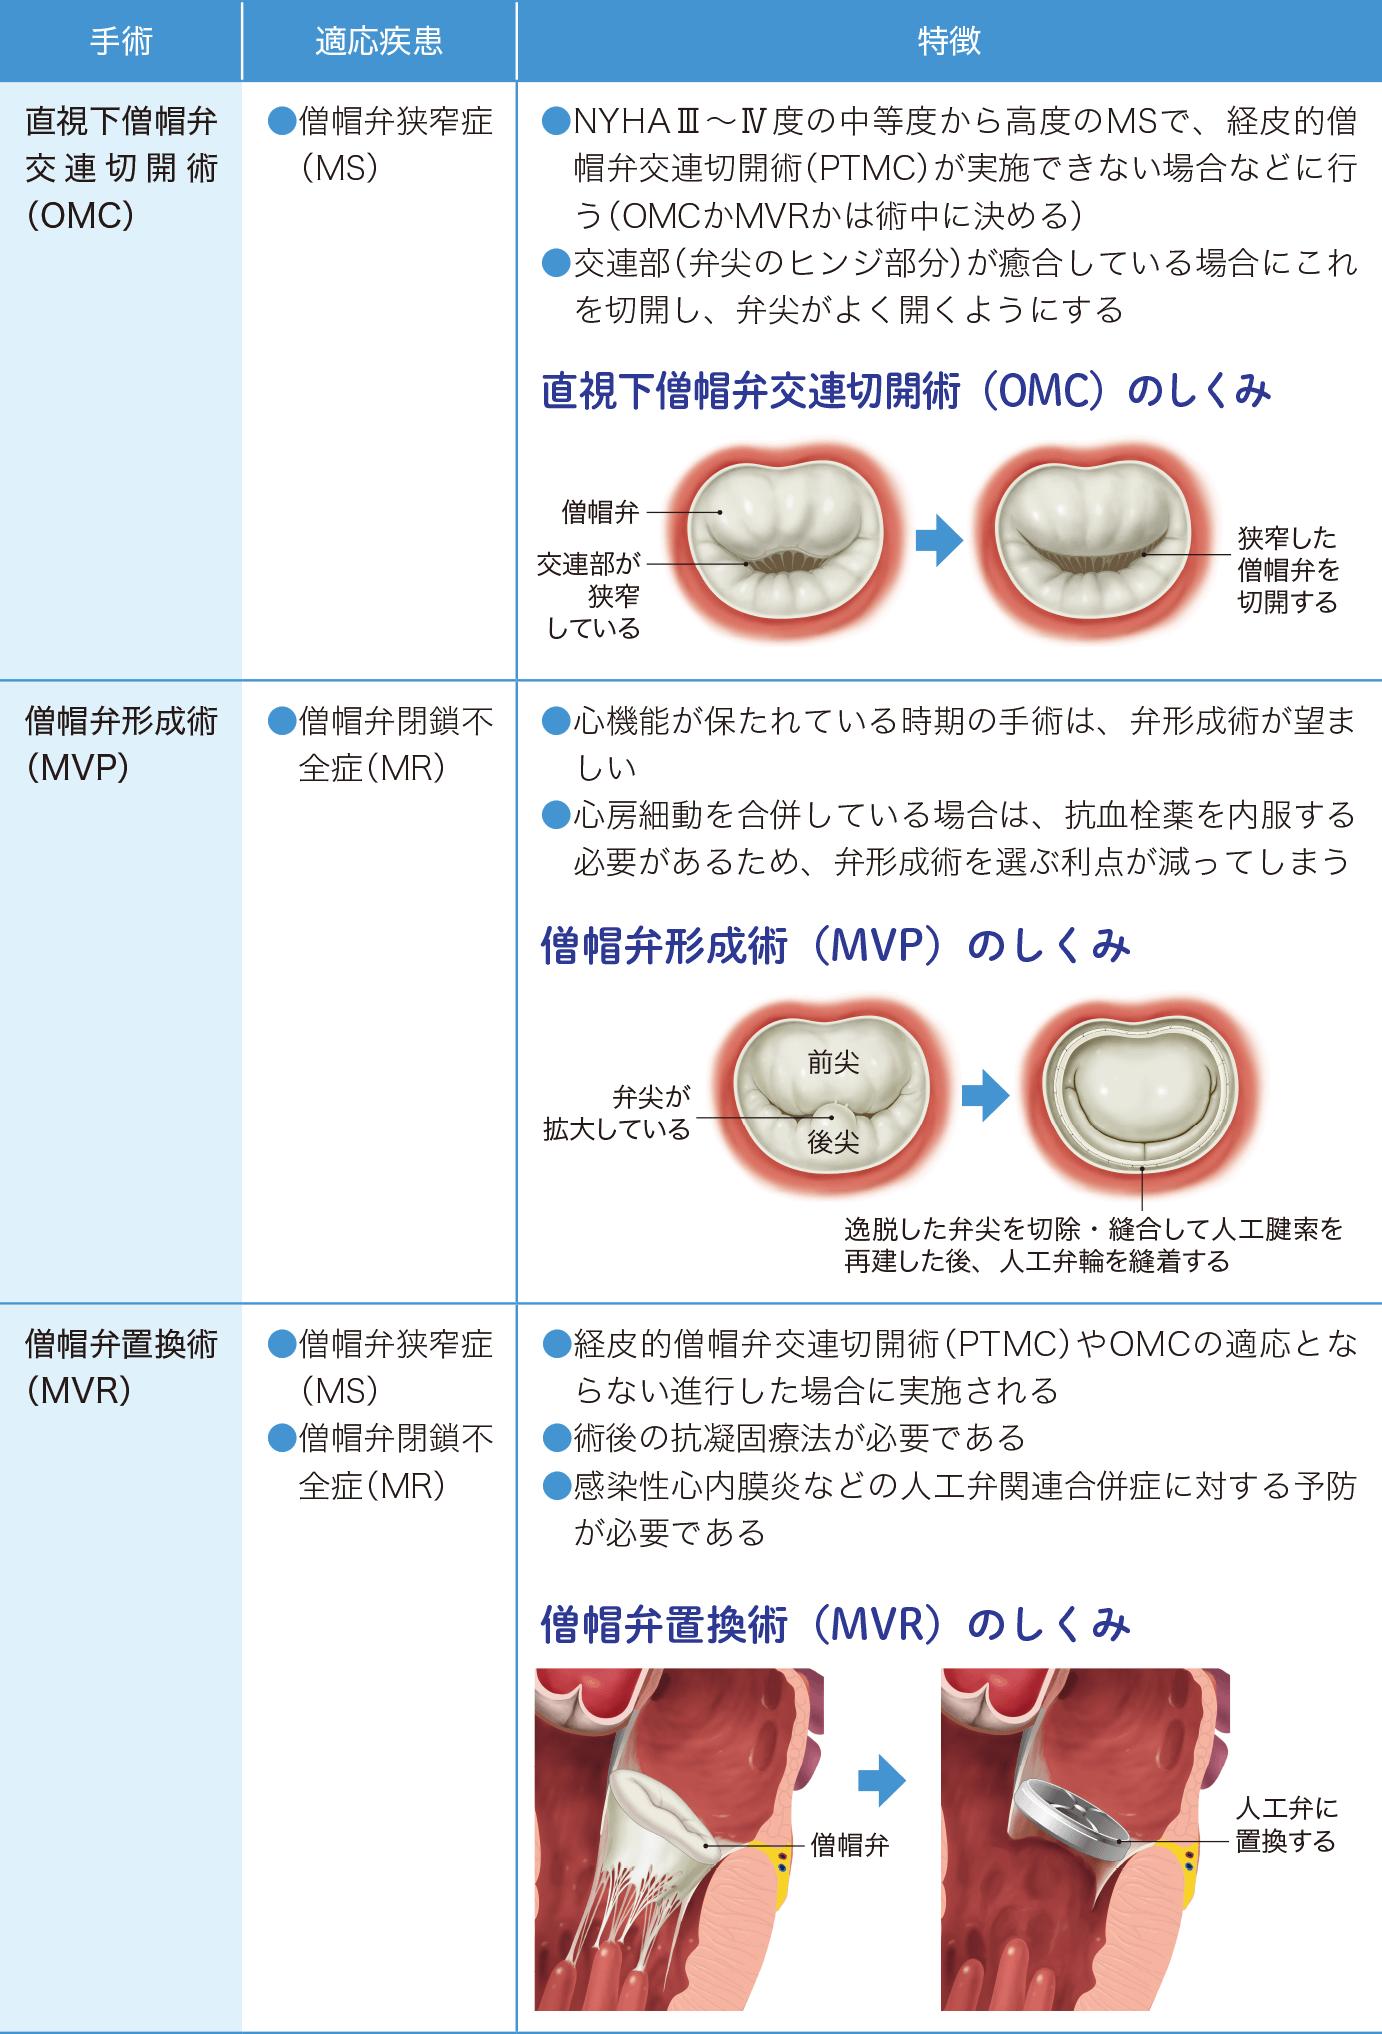 僧帽弁疾患の外科的治療の特徴